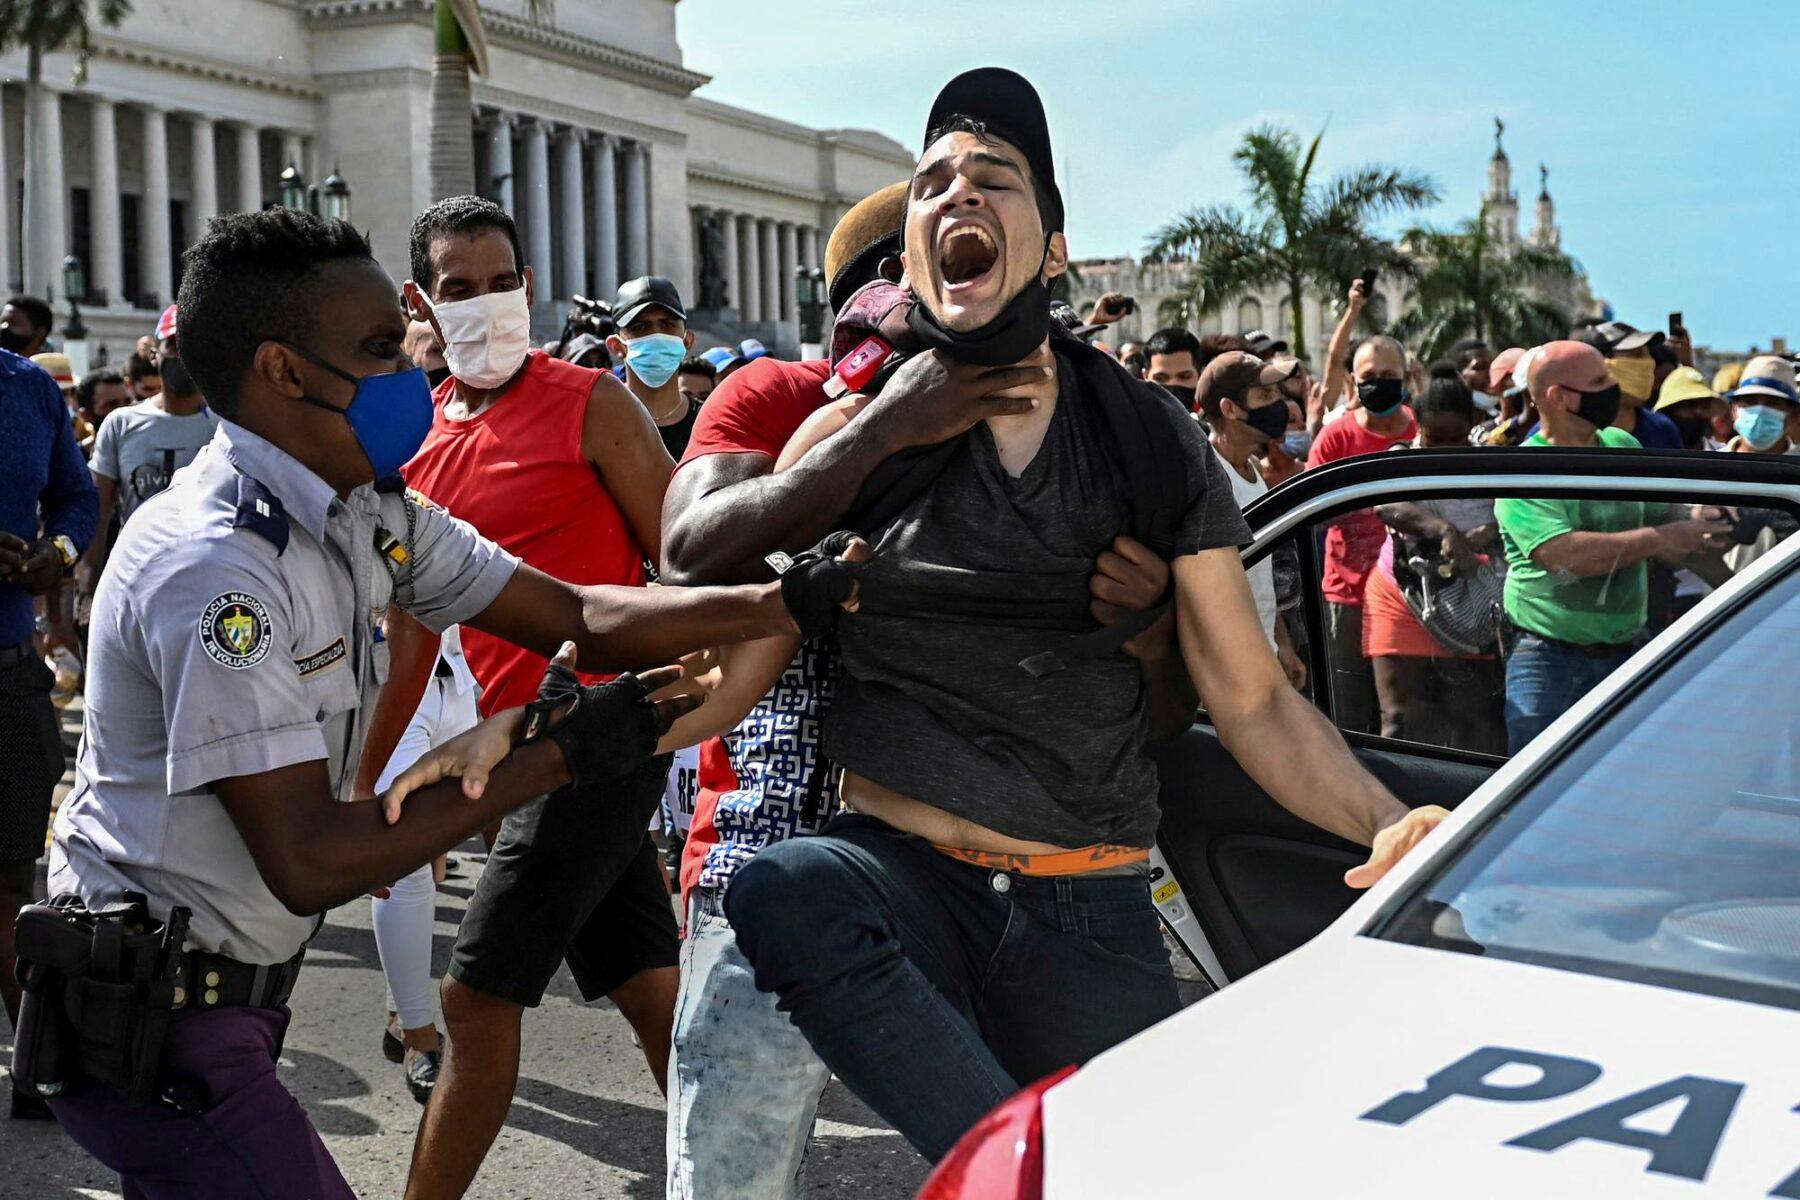 Poliisi pidättää mielenosoittajan Havanassa. Kuubassa nähtiin 11. heinäkuuta laajimmat hallitusta vastustavat mielenosoitukset lähes 30 vuoteen.